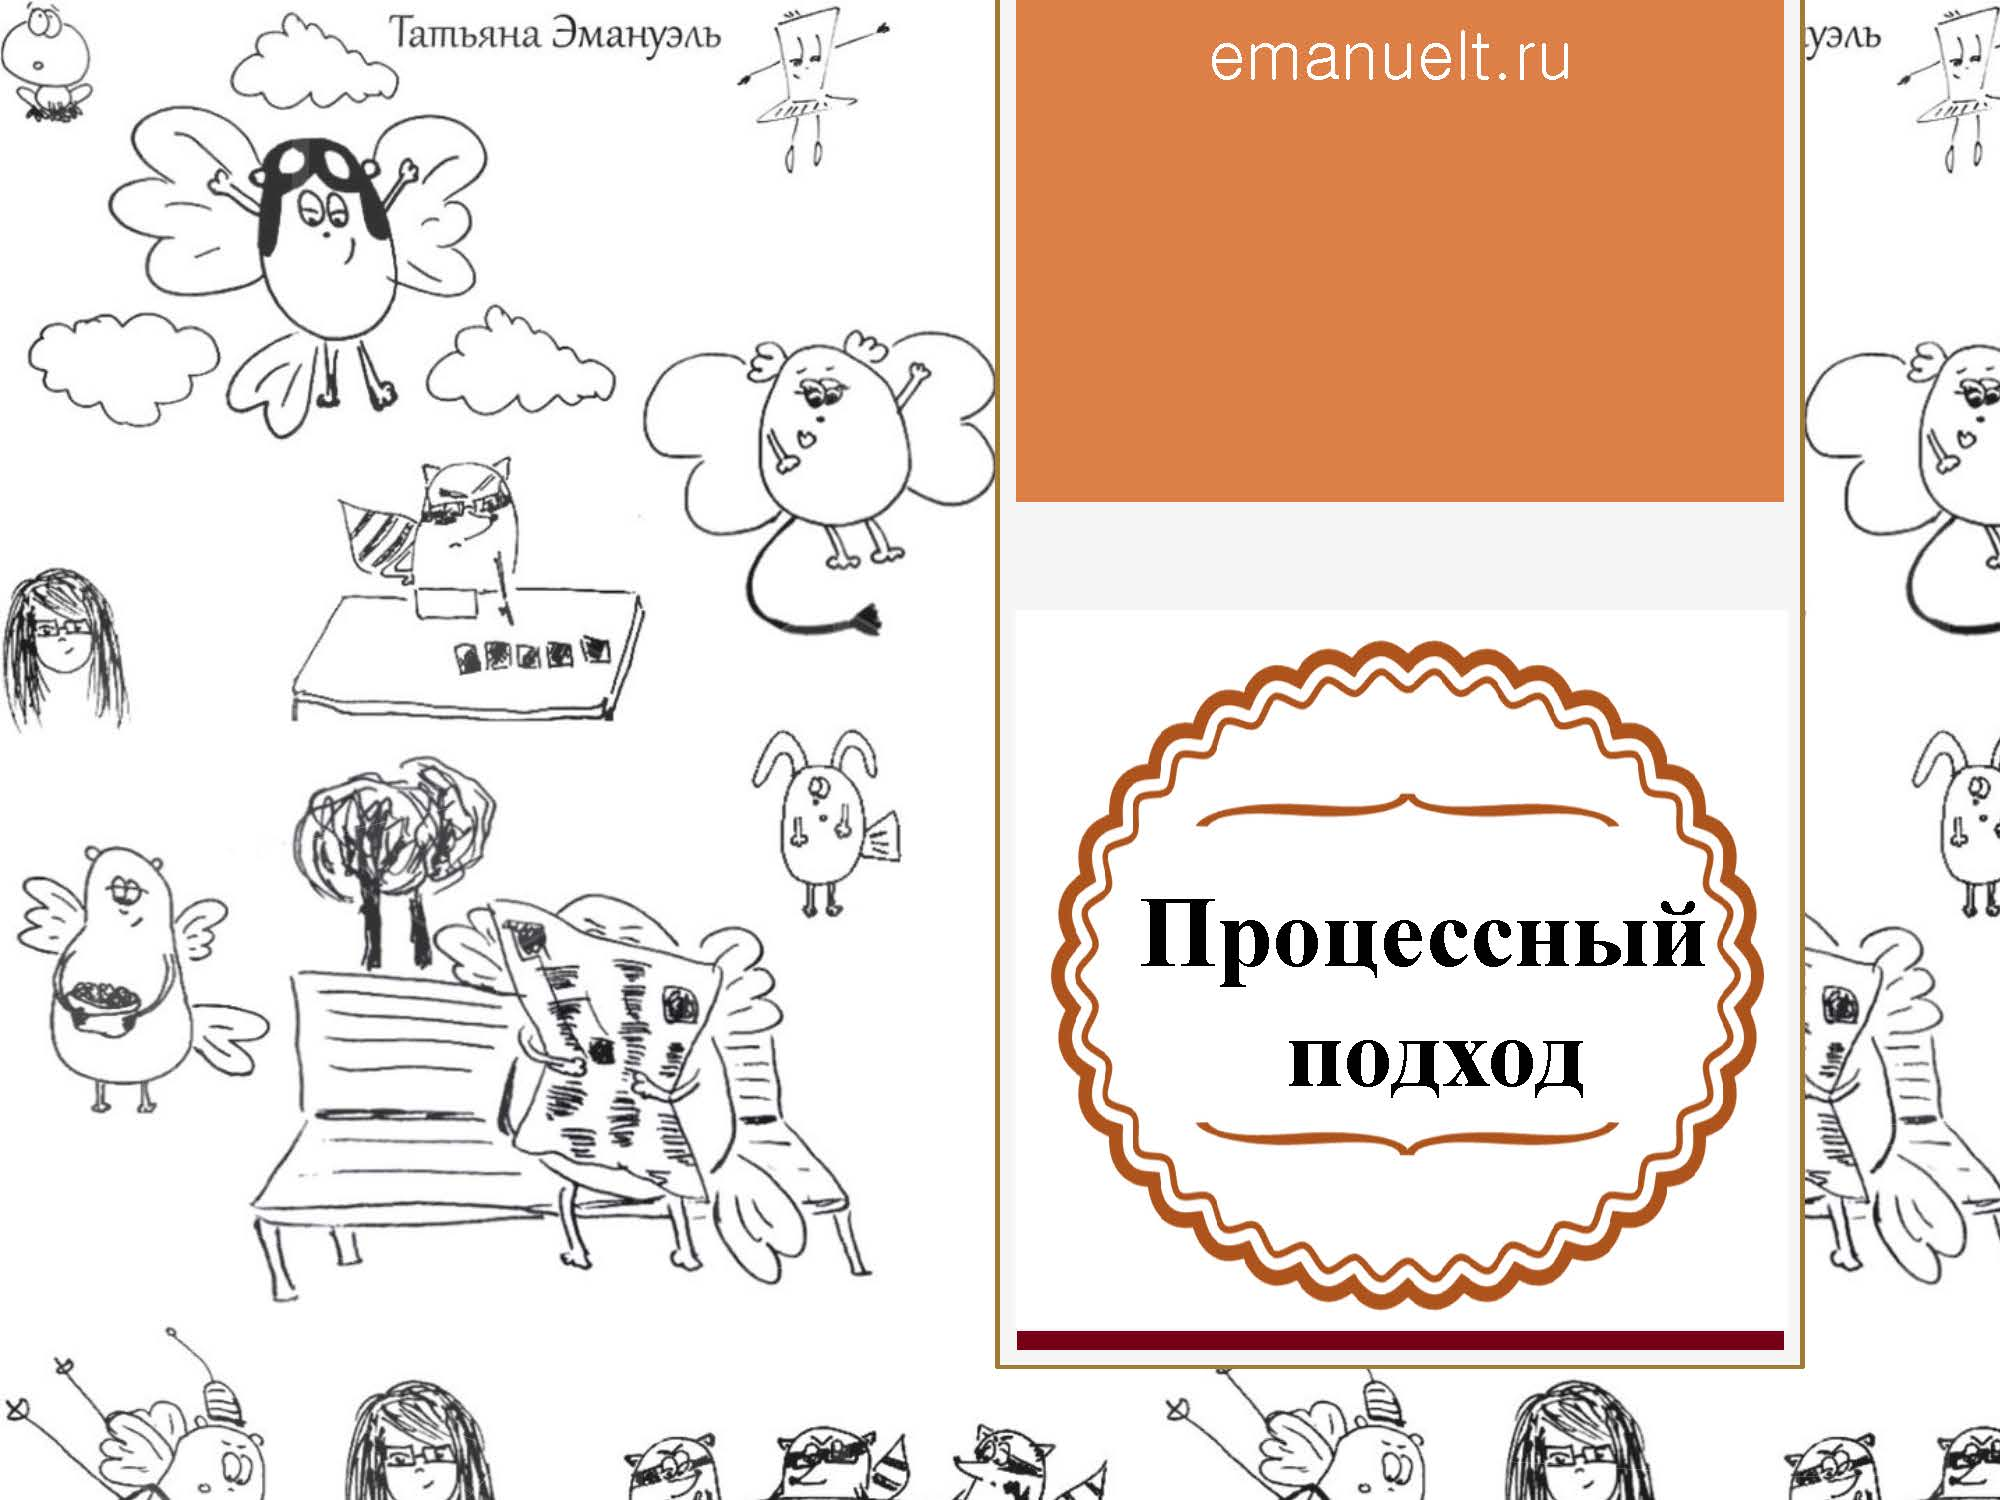 проектный эмануэль_Страница_09